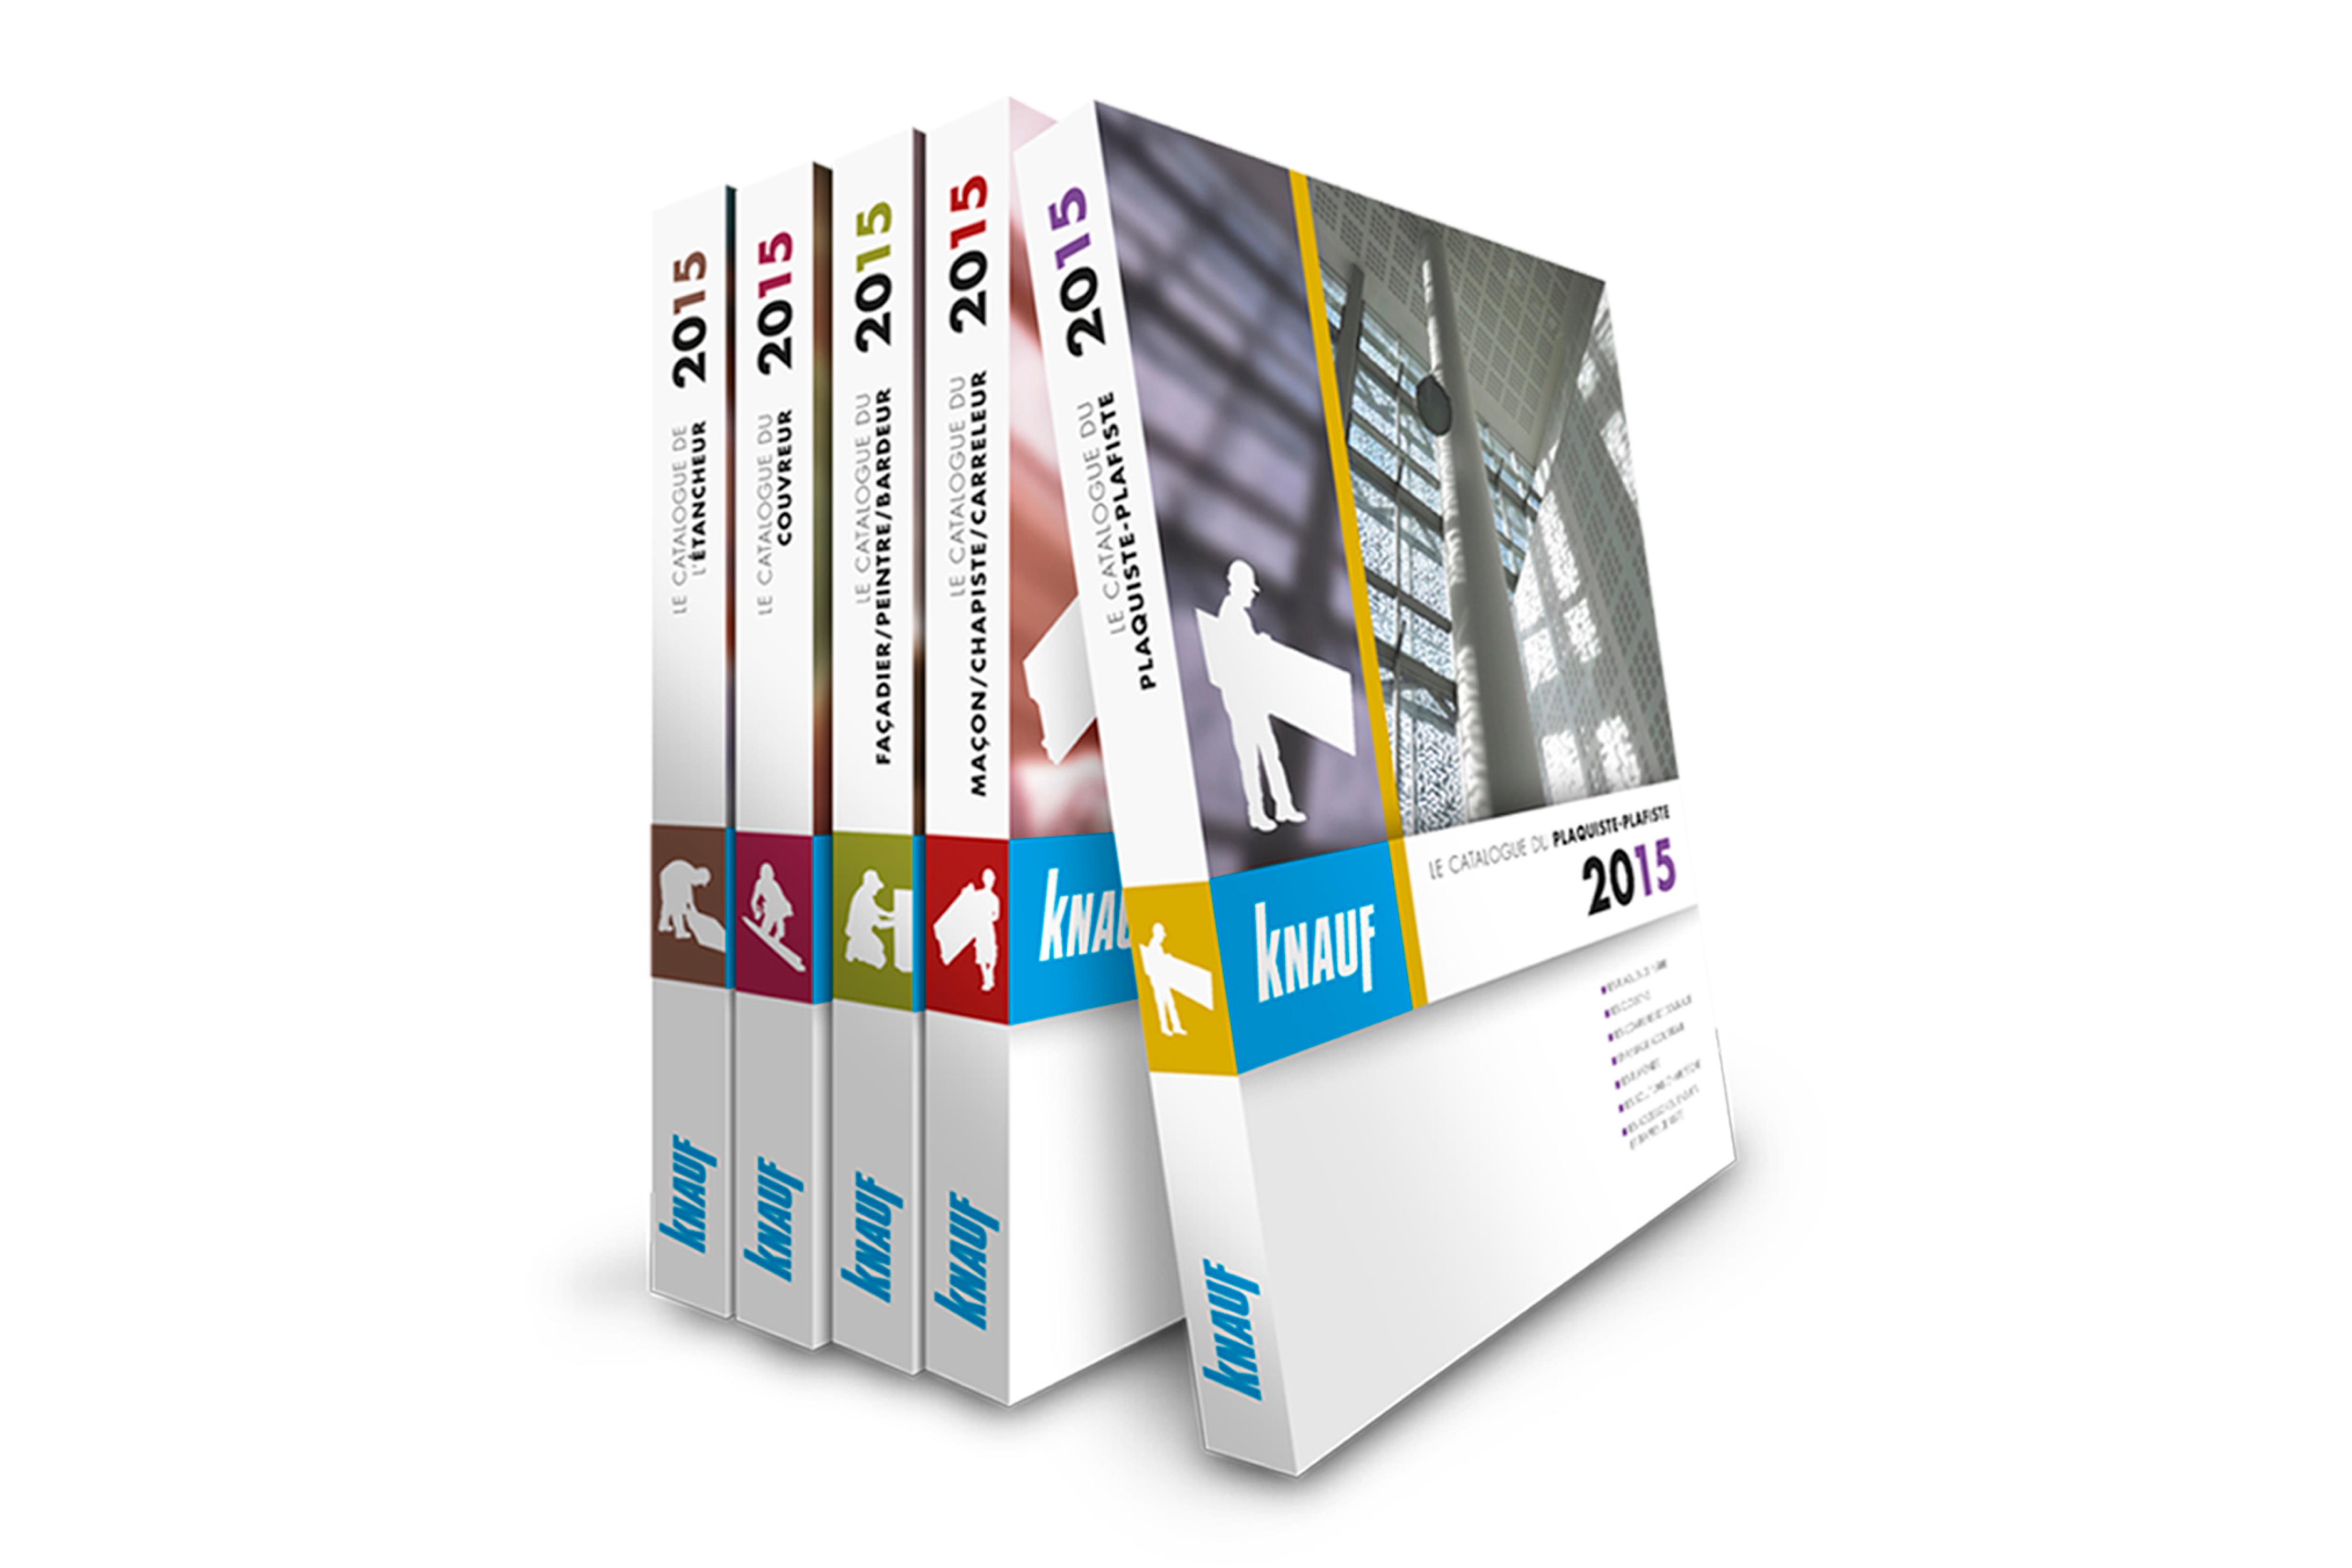 Réalisation des catalogues professionels Knauf  / Client : Terre de Com